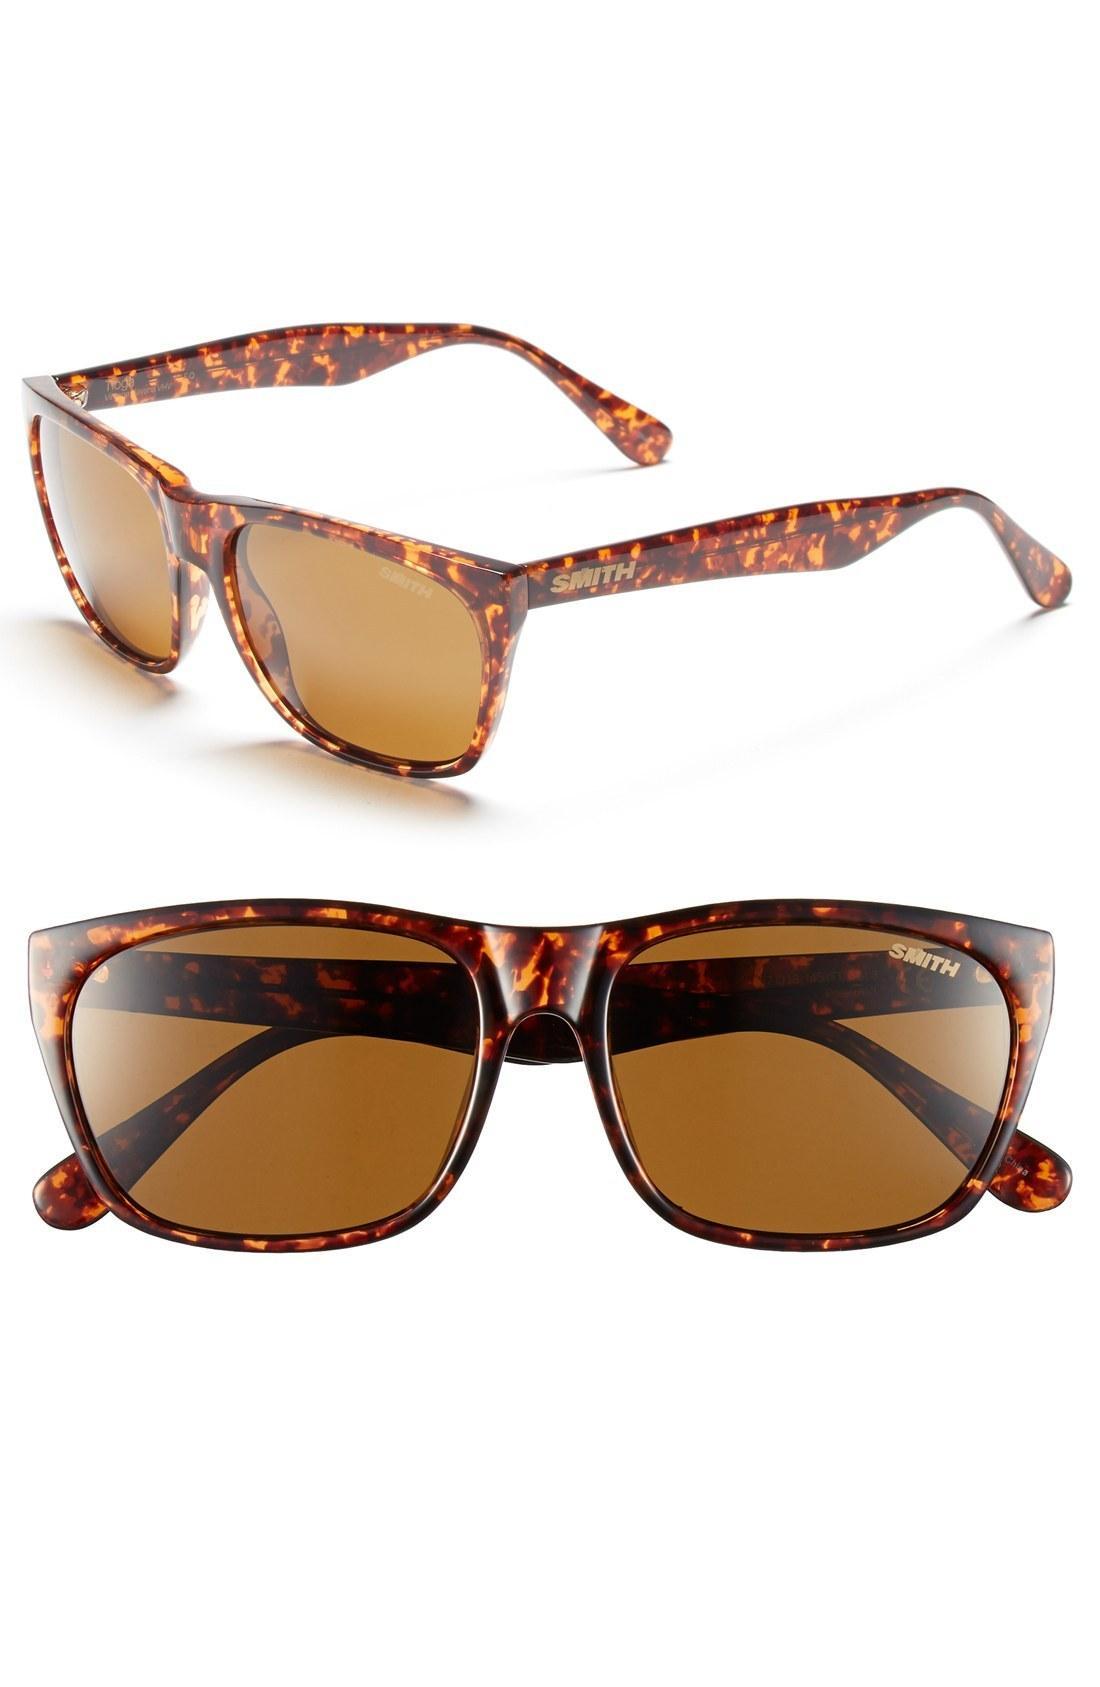 d11bba760a Smith  Tioga  57Mm Polarized Sunglasses - Vintage Havana  Polar Brown